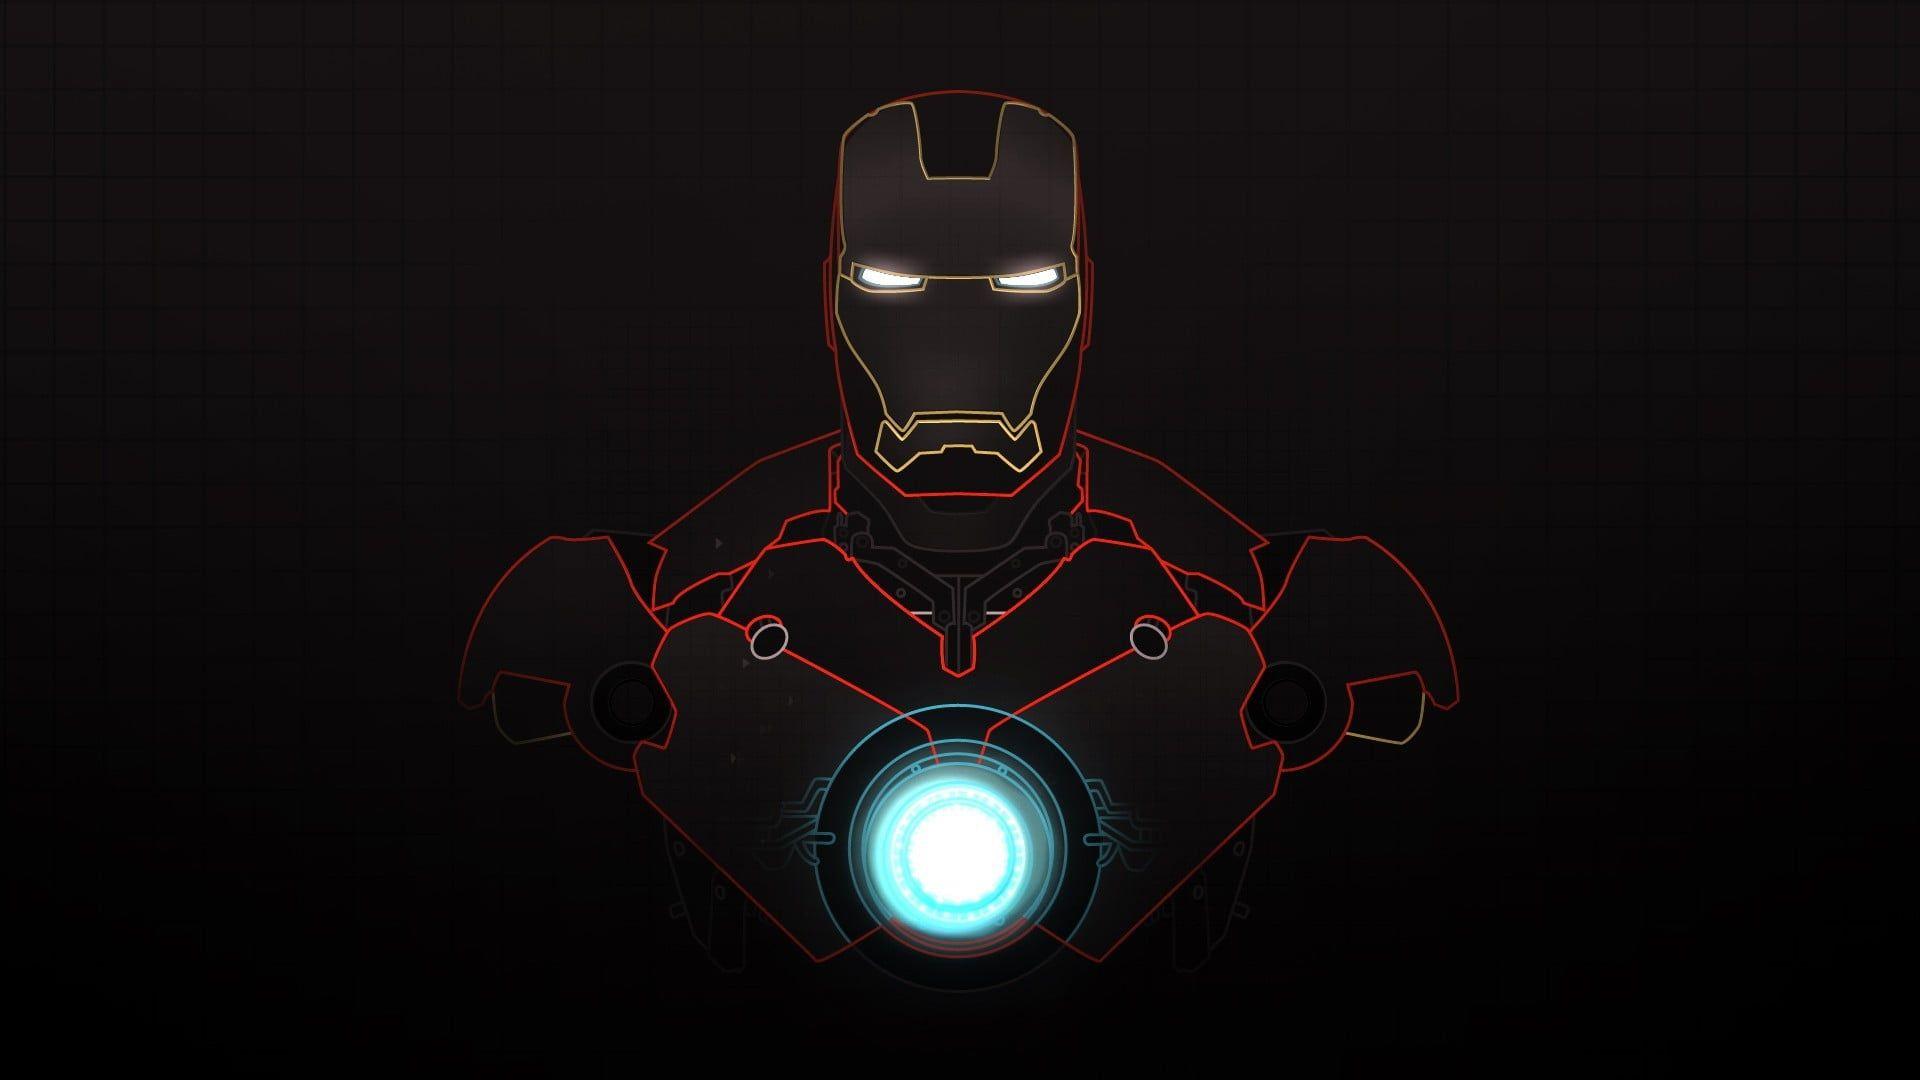 Wallpaper Marvel Iron Man Digital Wallpaper Iron Man Dark Background In 2020 Iron Man Wallpaper Man Wallpaper Iron Man Hd Wallpaper